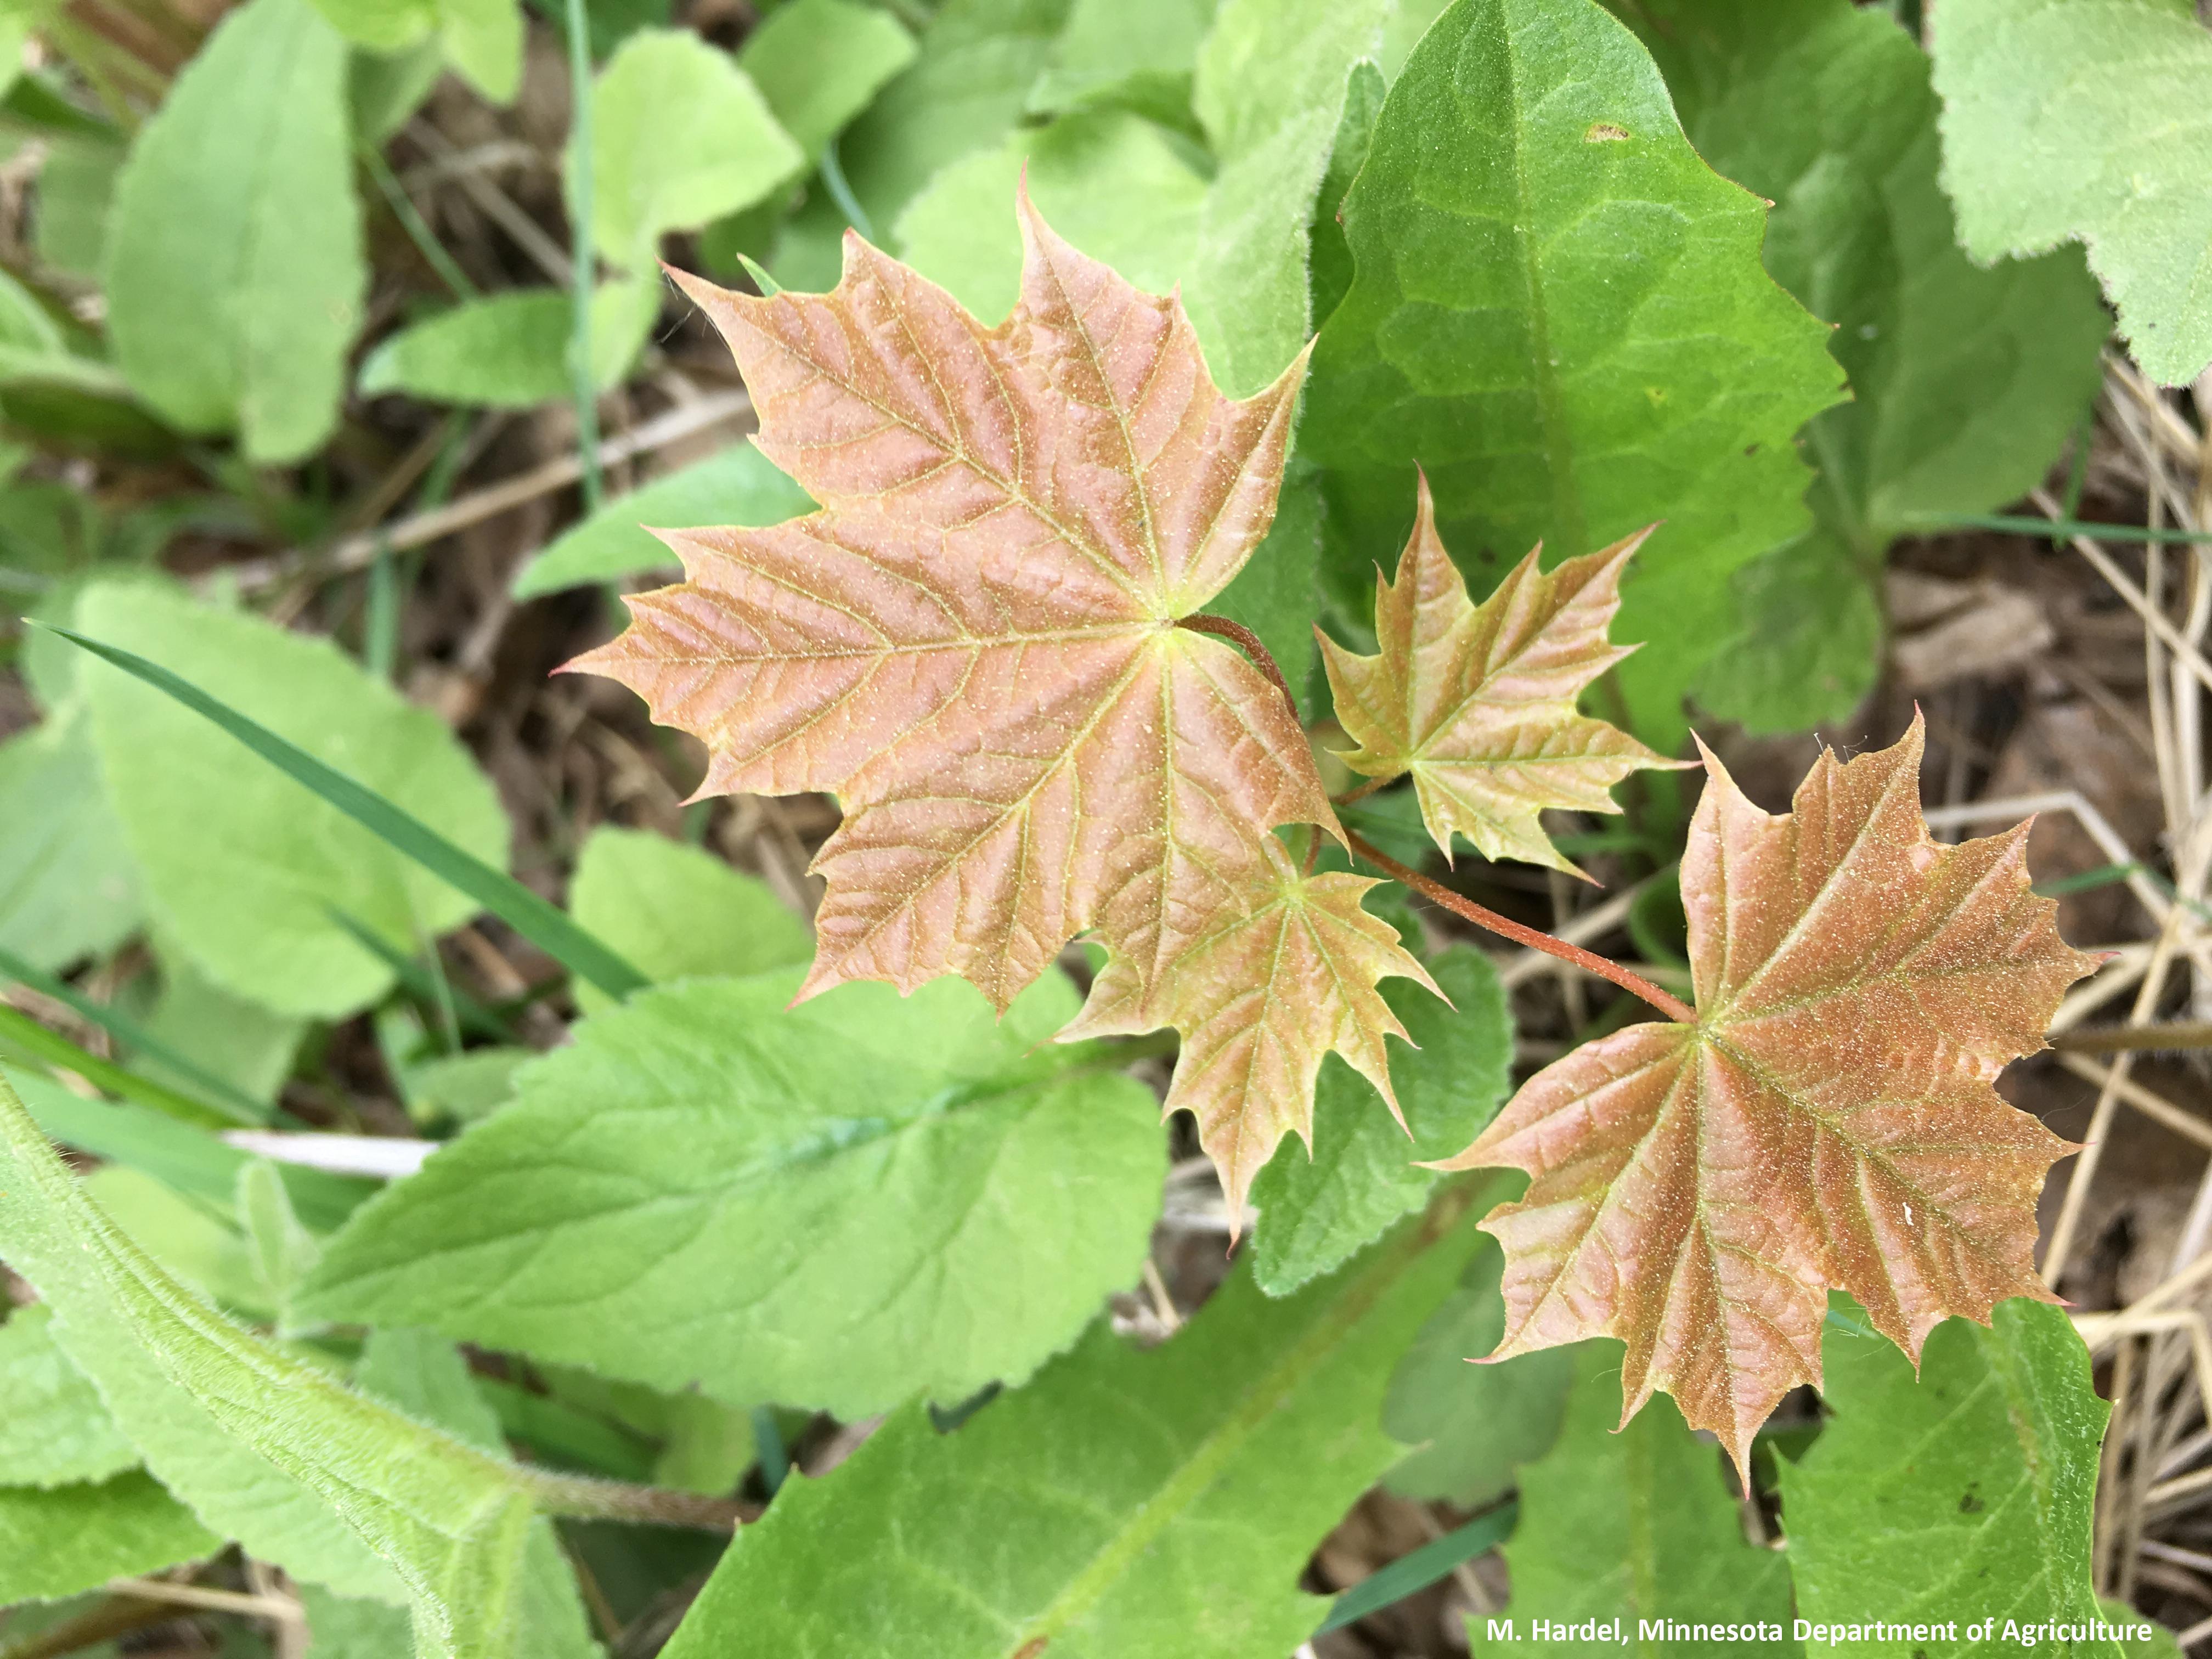 Afbeelding van een zaailing vermengd met andere overblijvende planten.